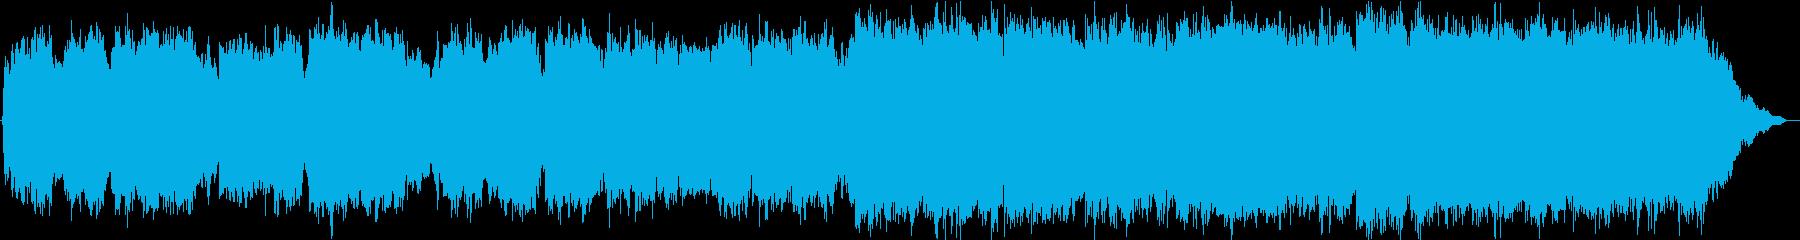 想い出を振り返るような笛のメロディーの再生済みの波形